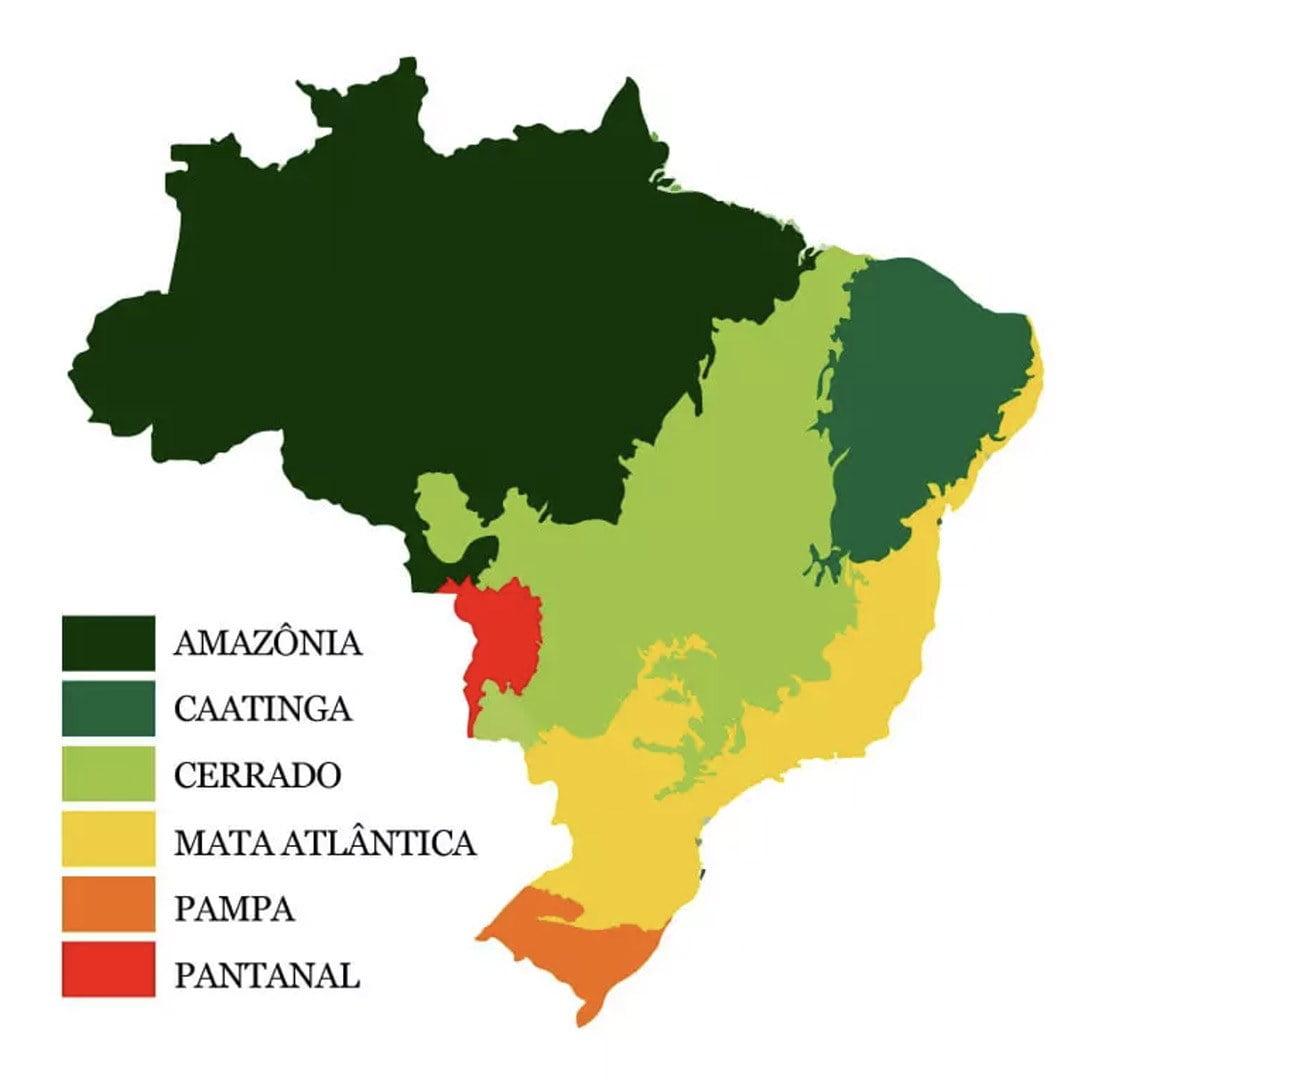 Mapa com os biomas brasileiros